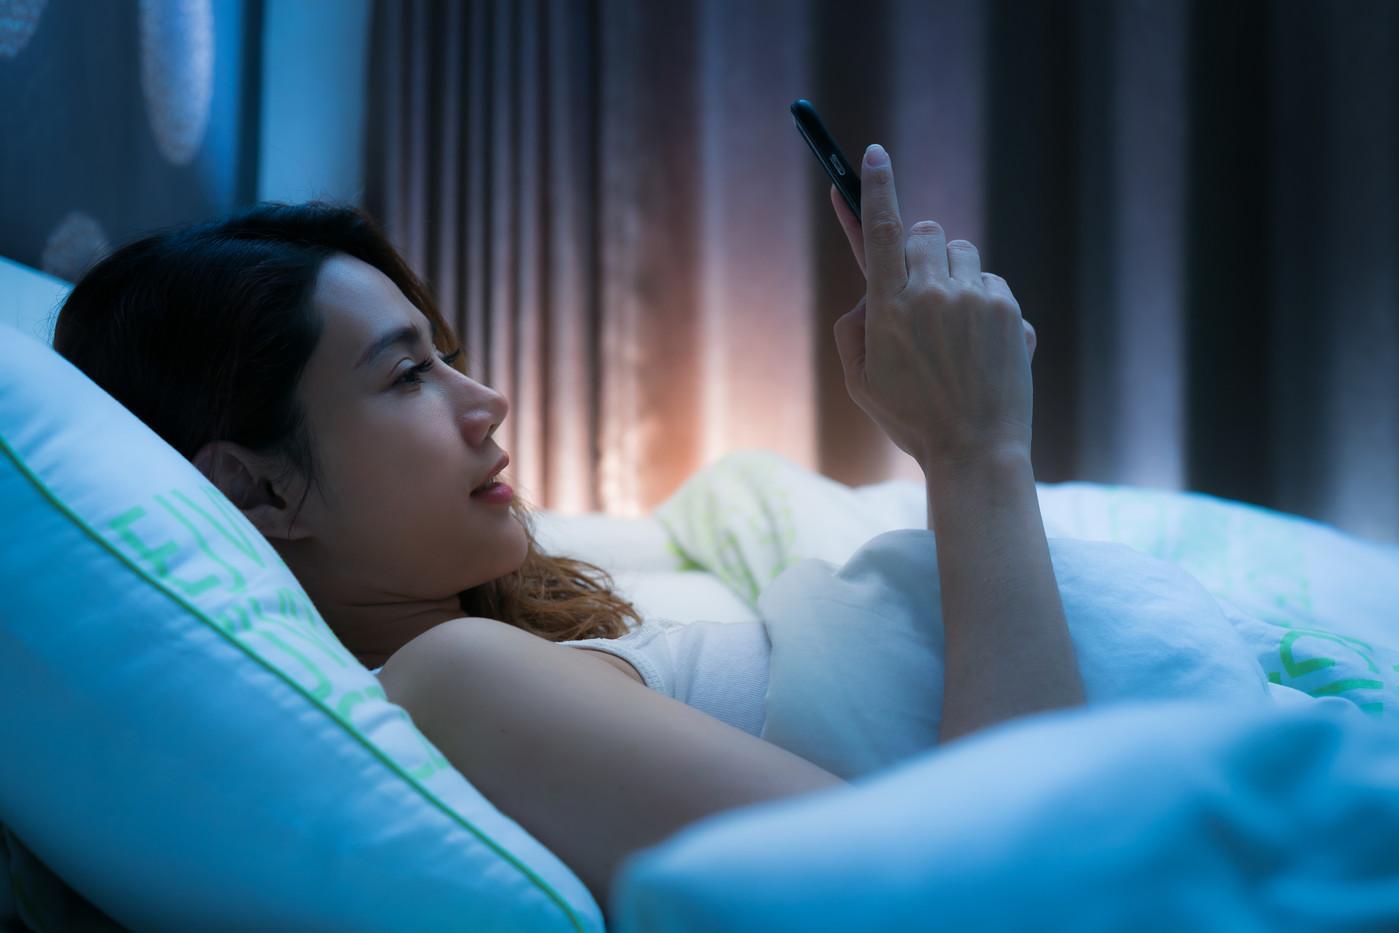 تحذير .. قلة نوم المراهقين تسبب انحراف جنسي